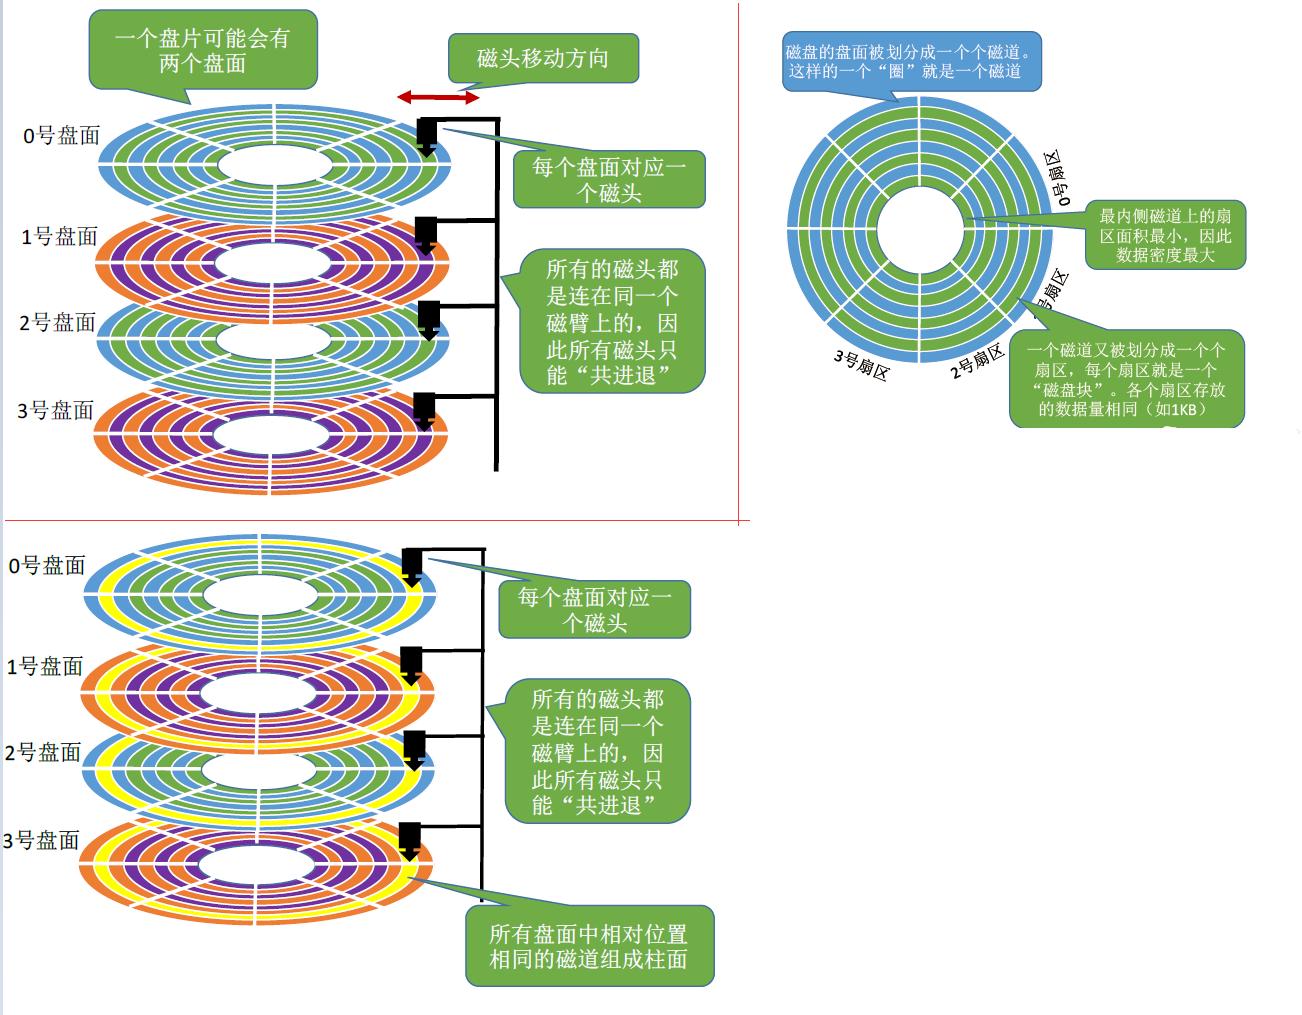 WeiyiGeek.磁盘基本组成结构